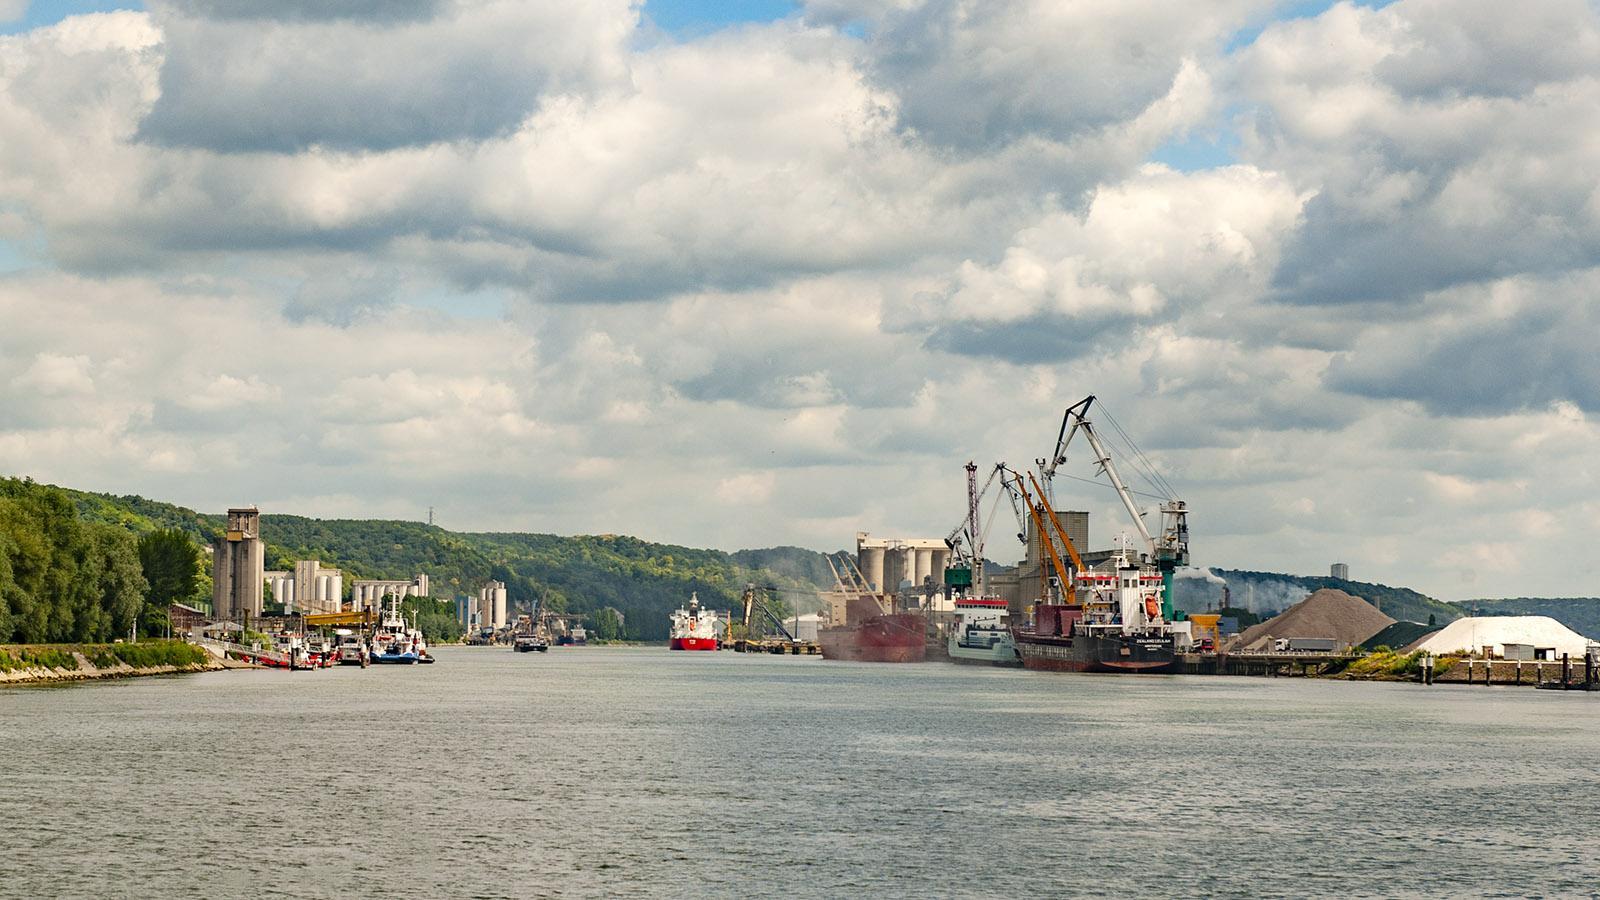 Der Hafen von Rouen. Foto: Hilke Maunder